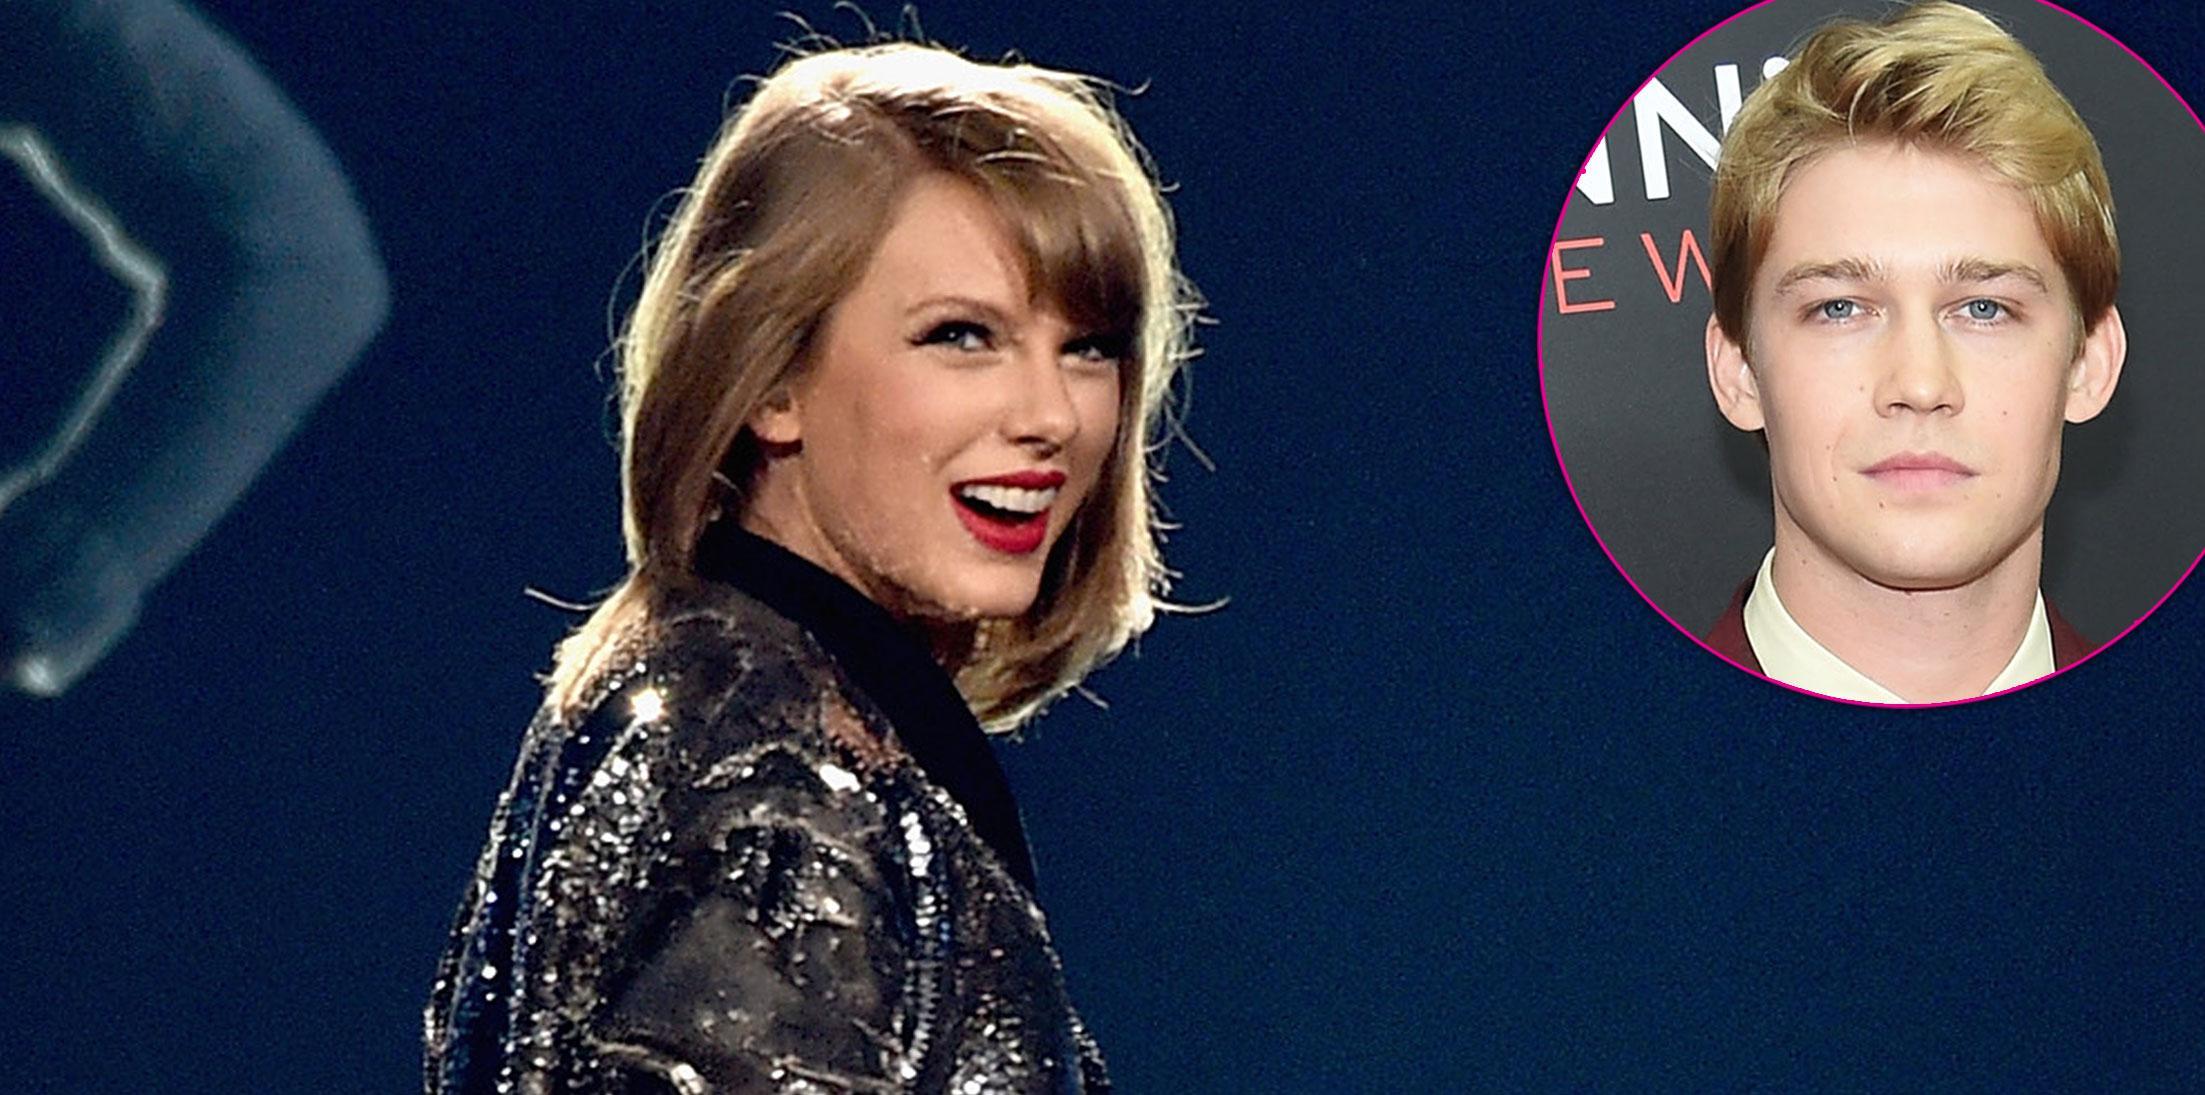 Taylor Swift Boyfriend Joe Alwyn The One Long